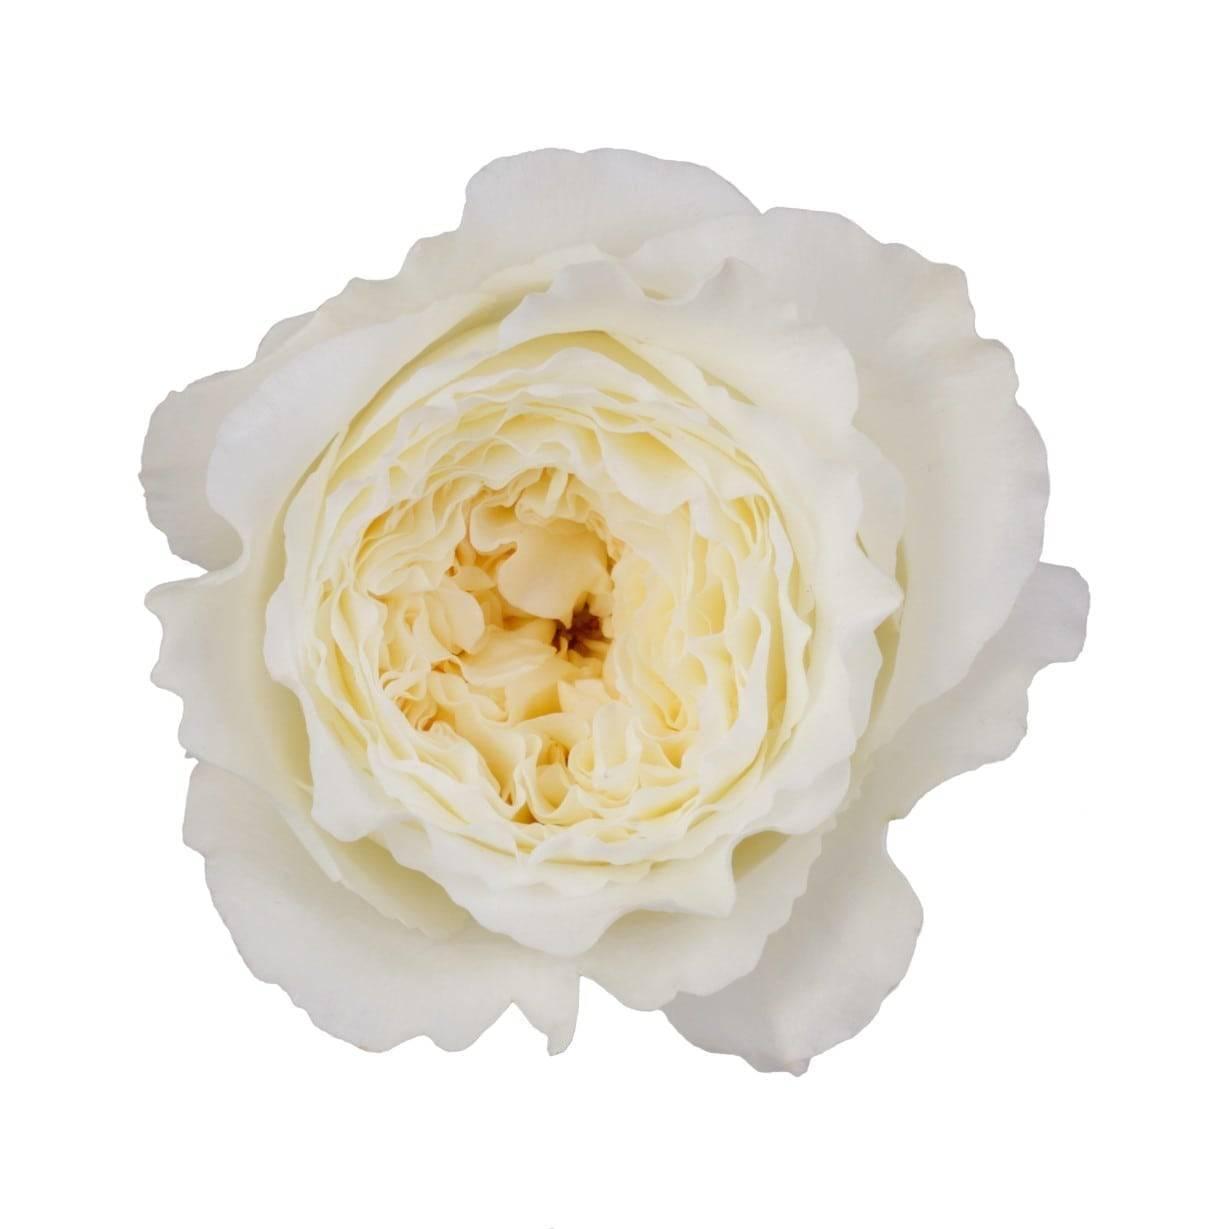 Какими особенностями обладает роза клэр остин